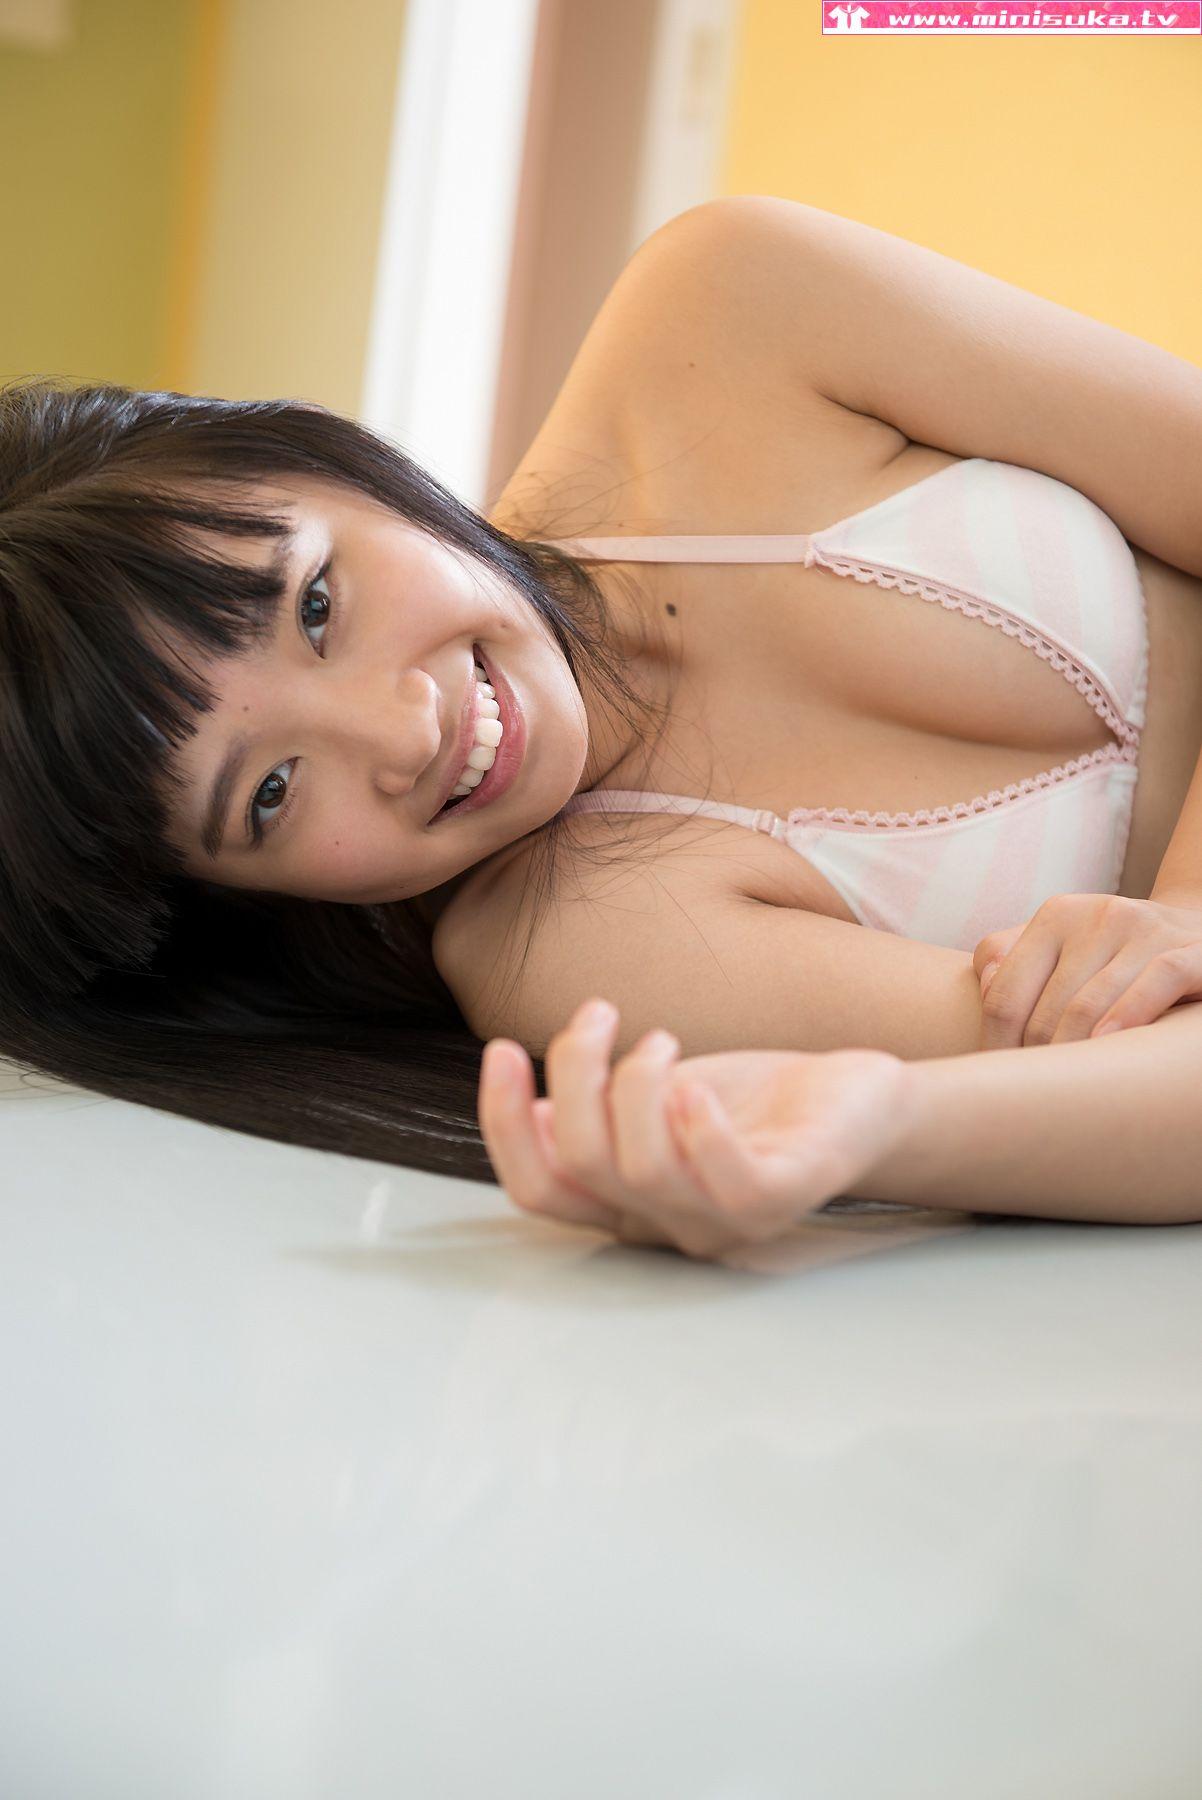 minisuka tv黒宮れい Kuromiya Rei (黒宮れい), Minisuka.tv   TechnOtaku Gallery, Japanese Anime